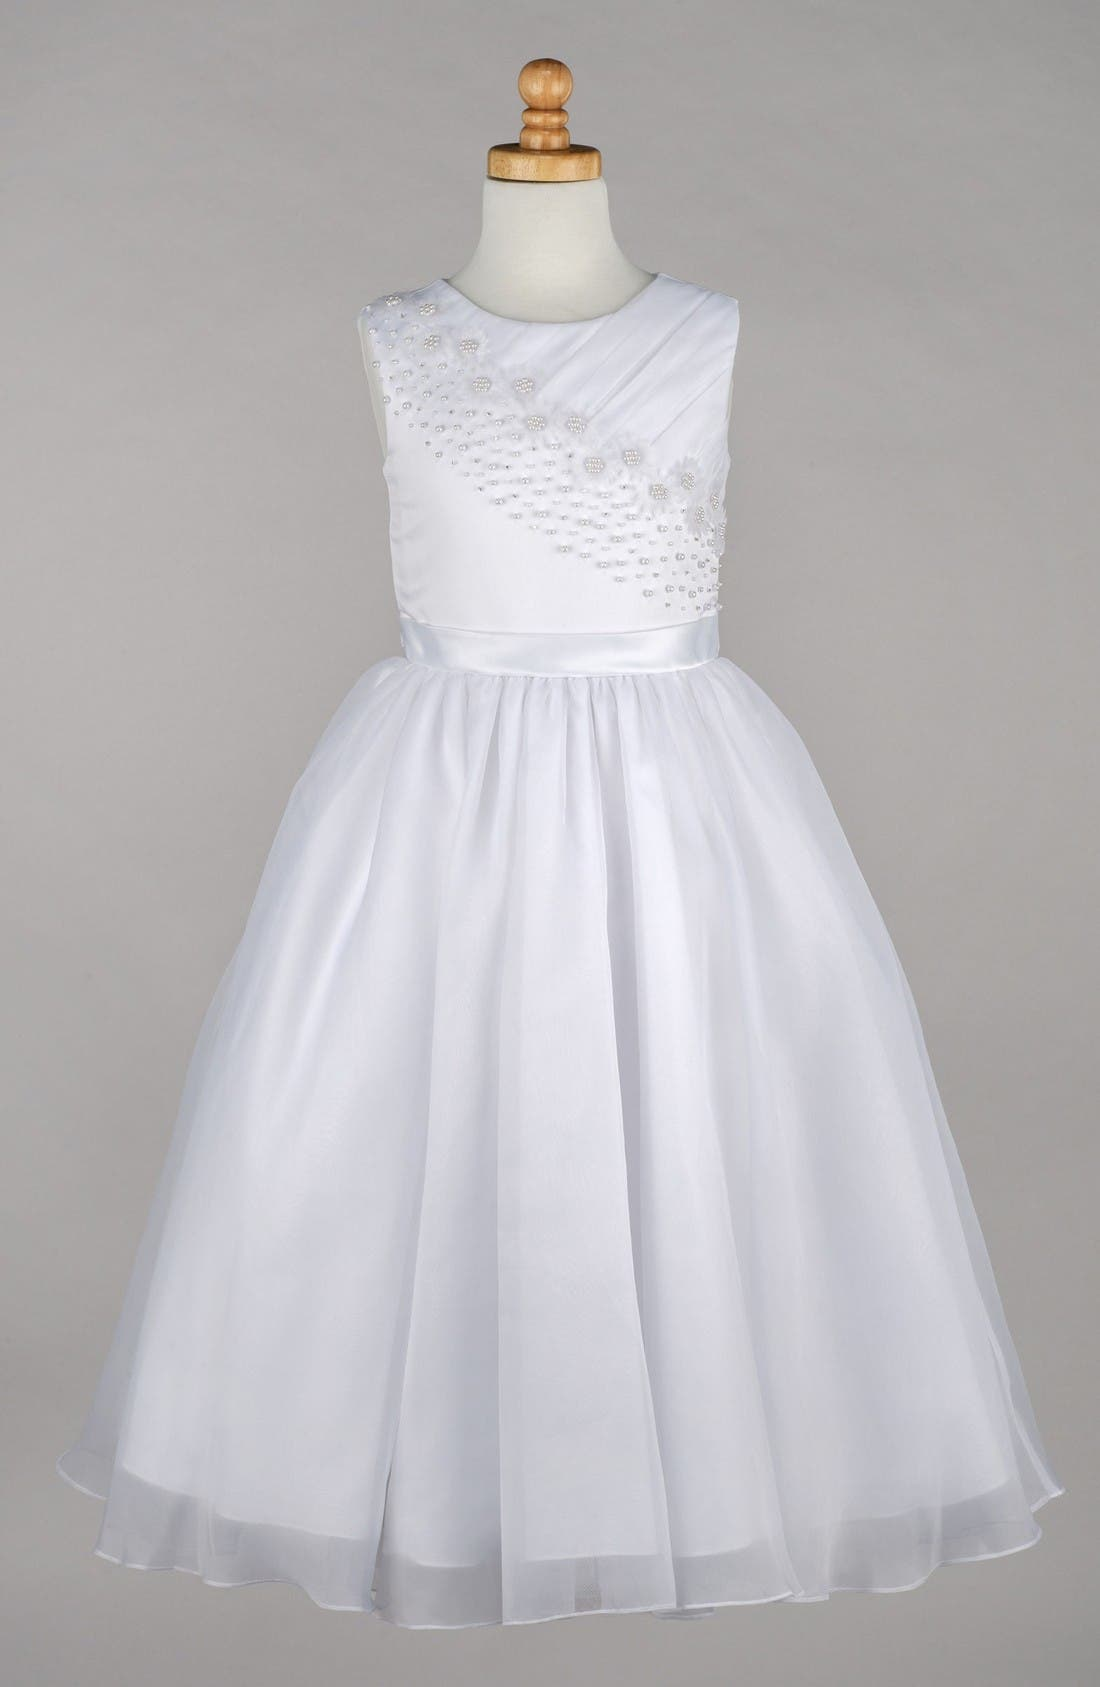 Lauren Marie Beaded Daisy Bodice First Communion Dress (Little Girls & Big Girls)